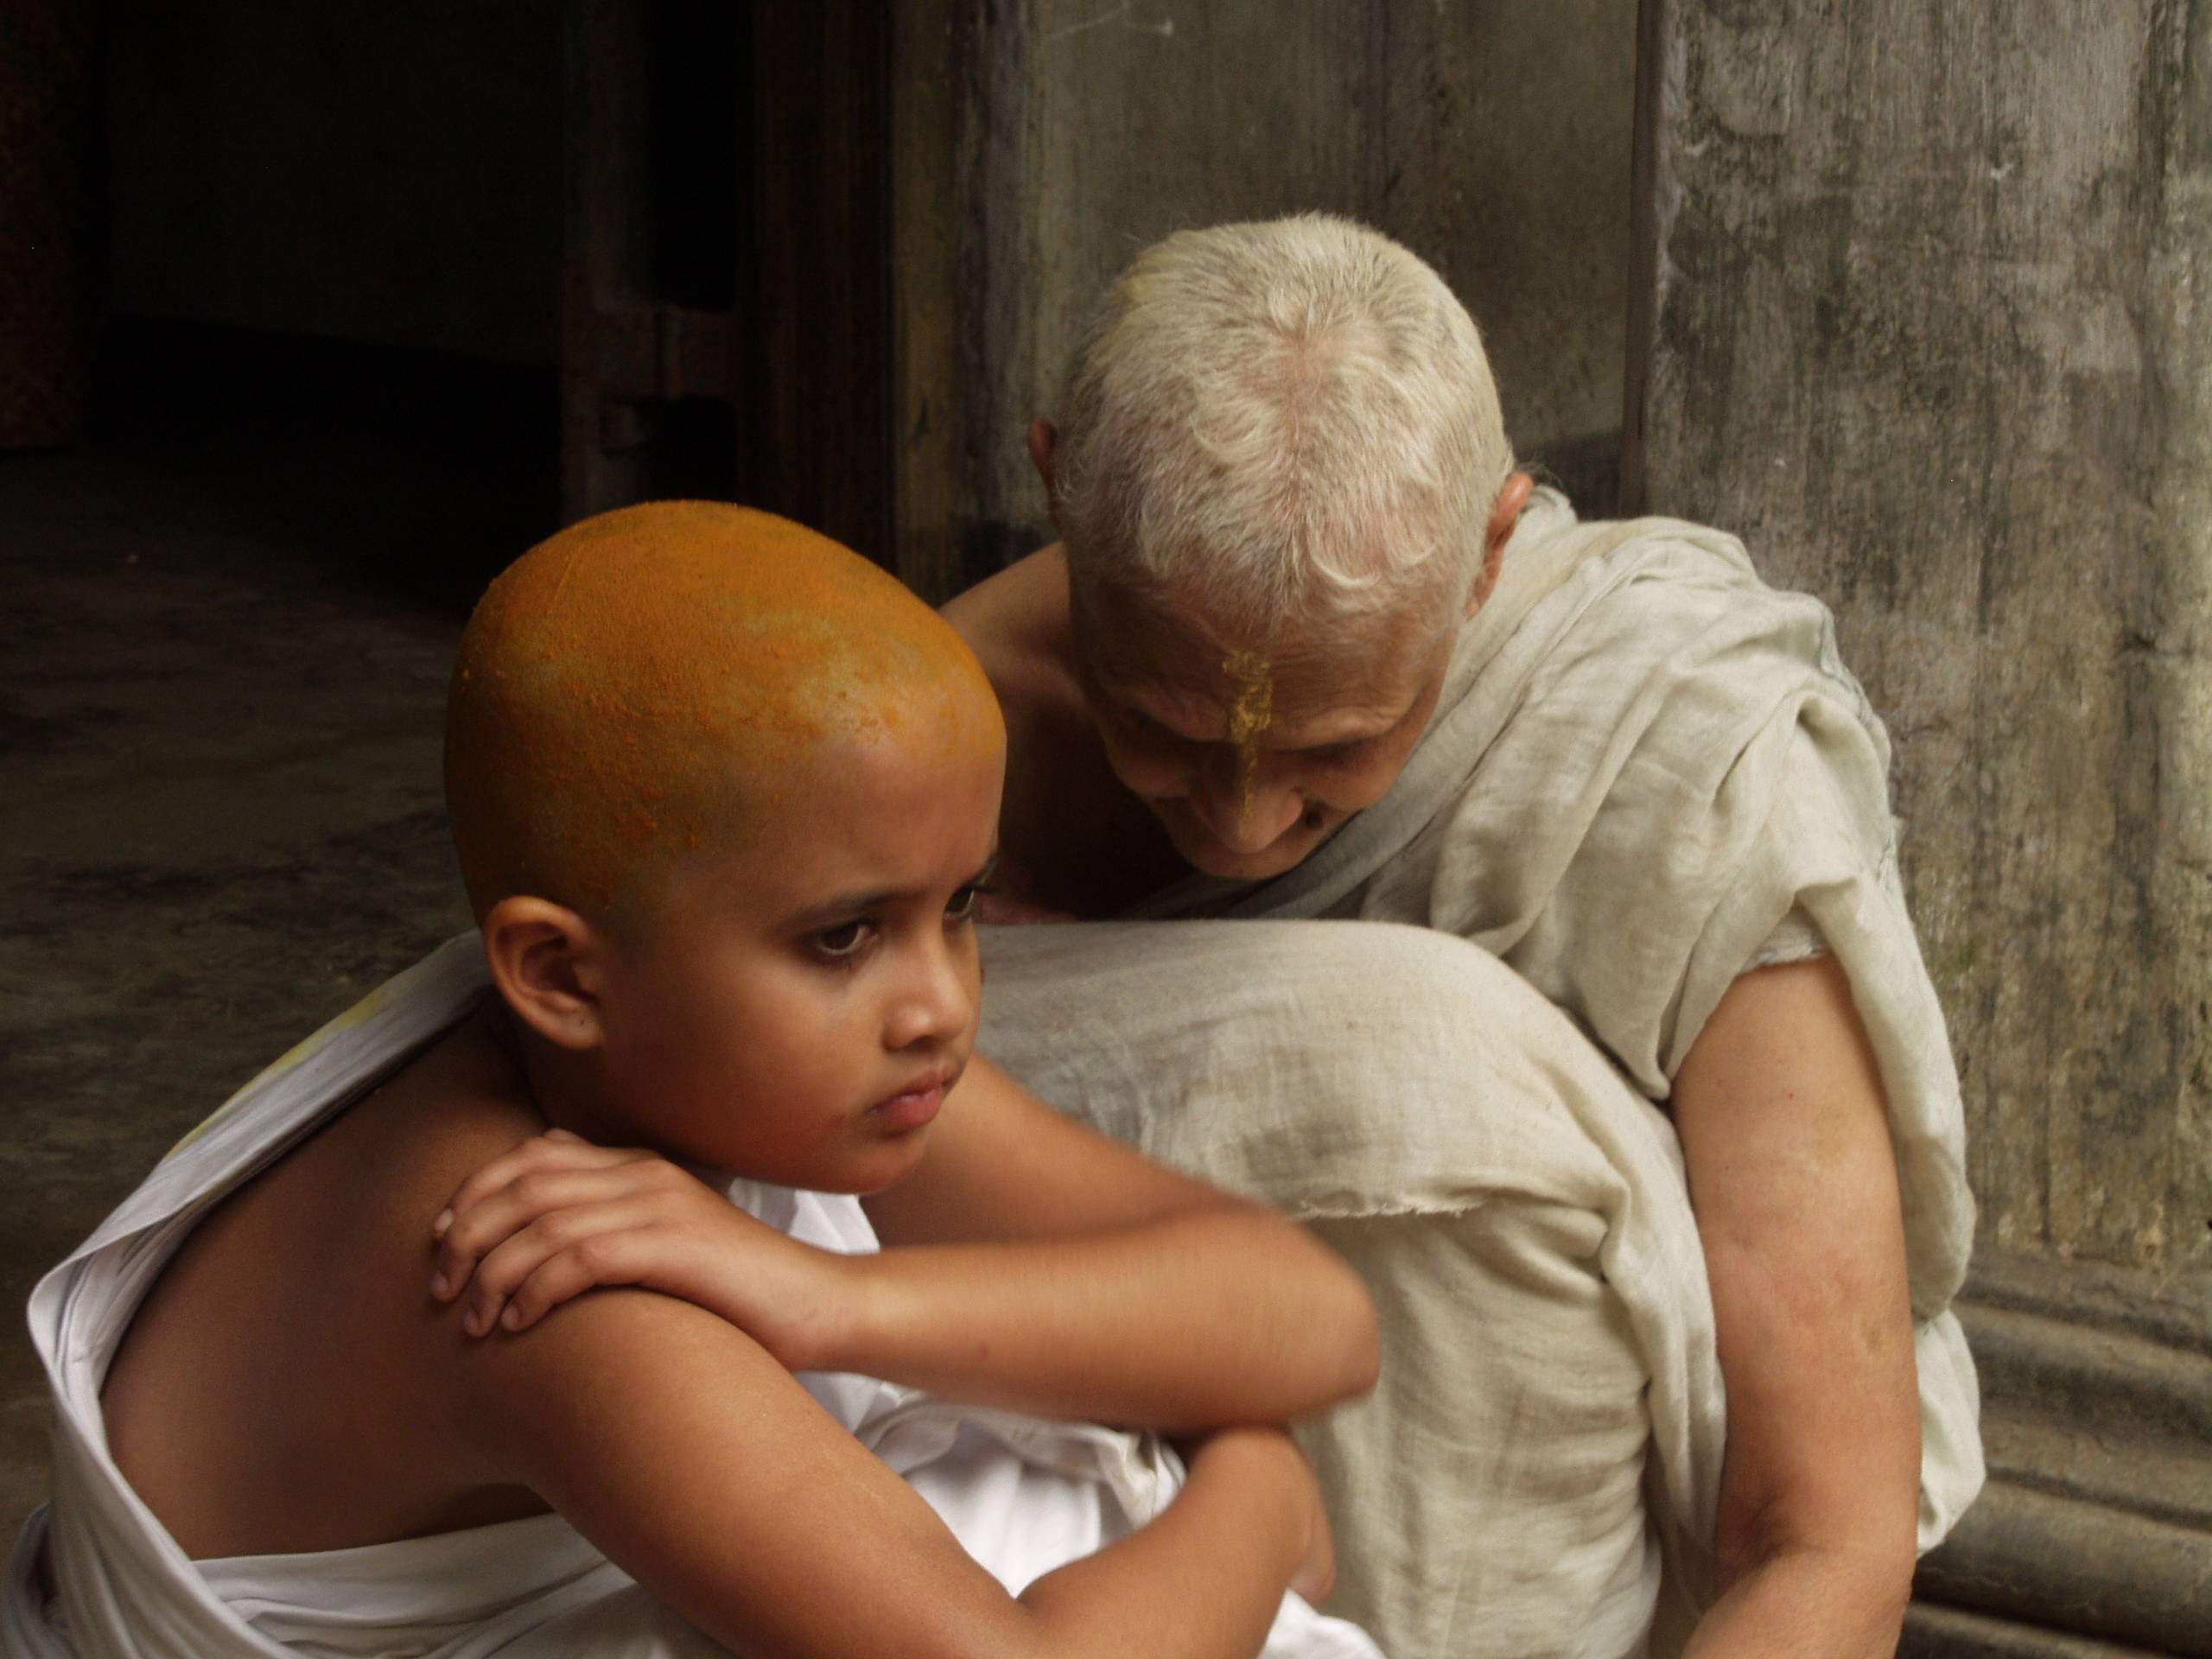 La película trata sobre una niña que debe casarse con un viejo moribundo